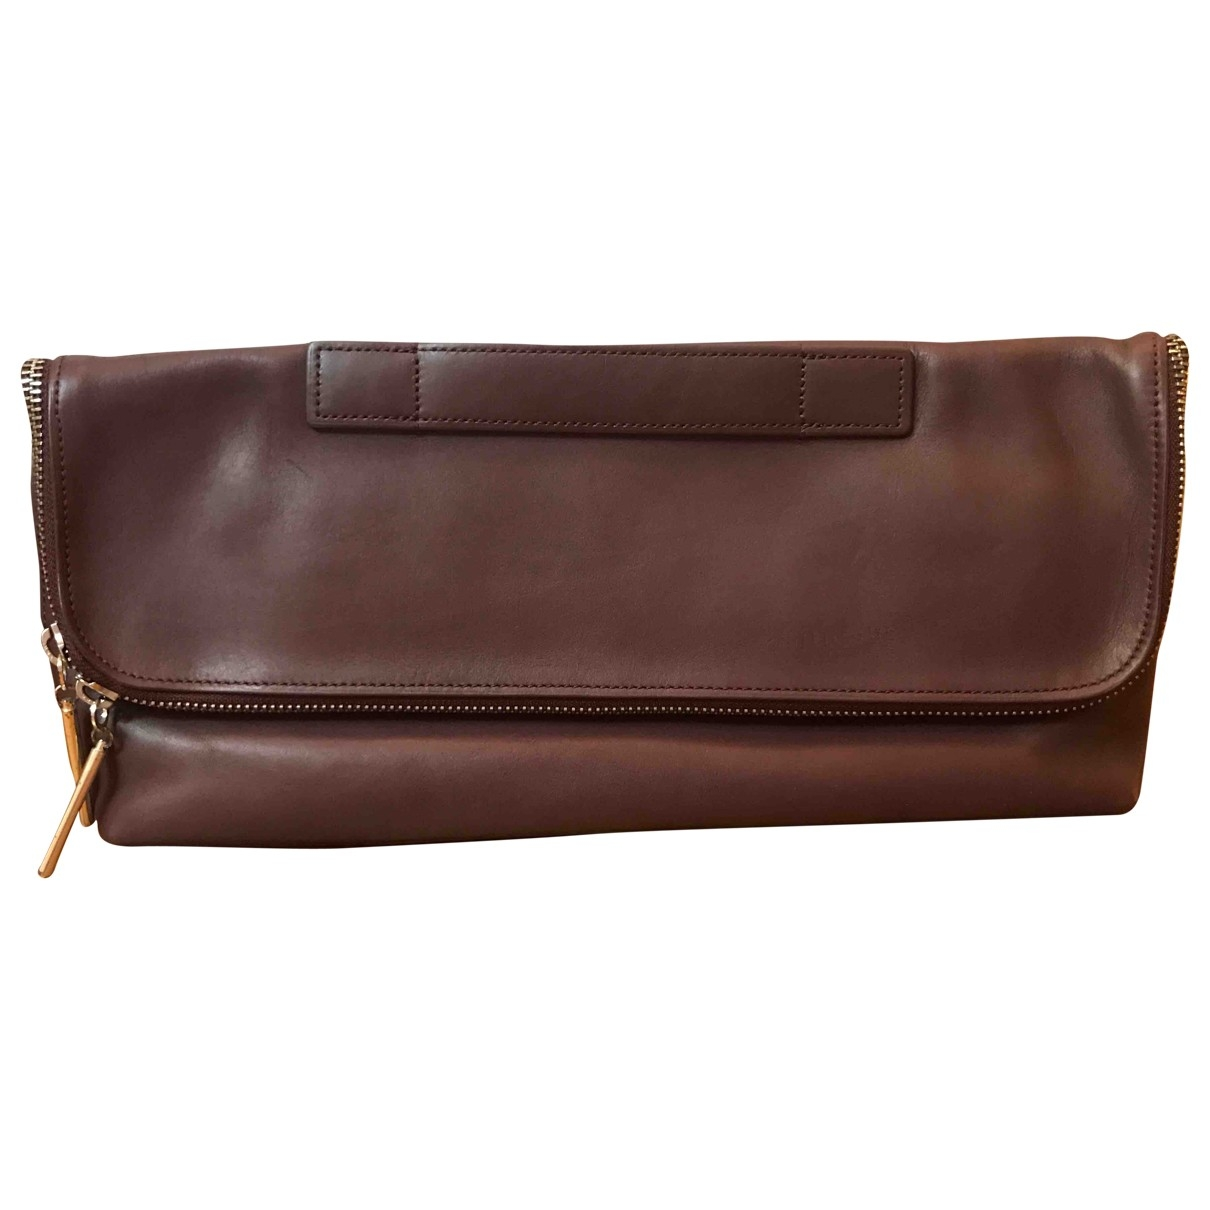 3.1 Phillip Lim \N Burgundy Leather Clutch bag for Women \N